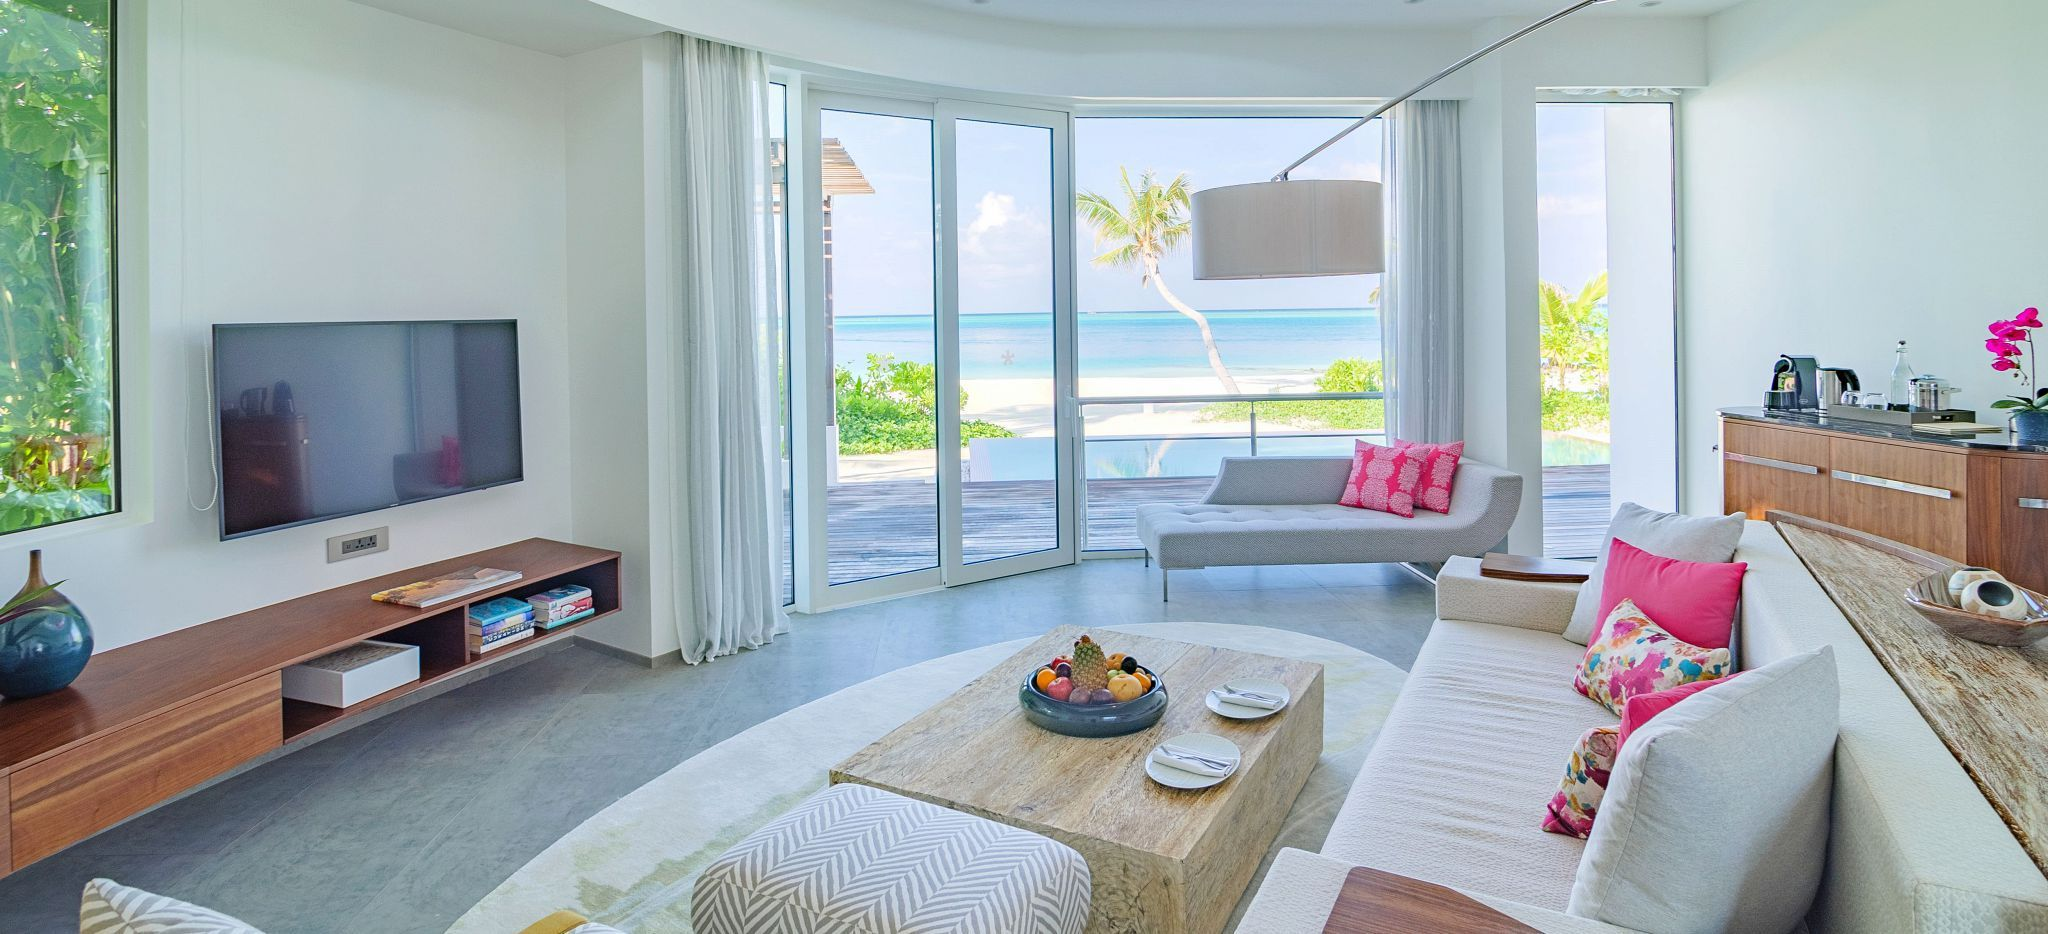 Ein geräumige Lounge mit Couches un Blick auf das Meer